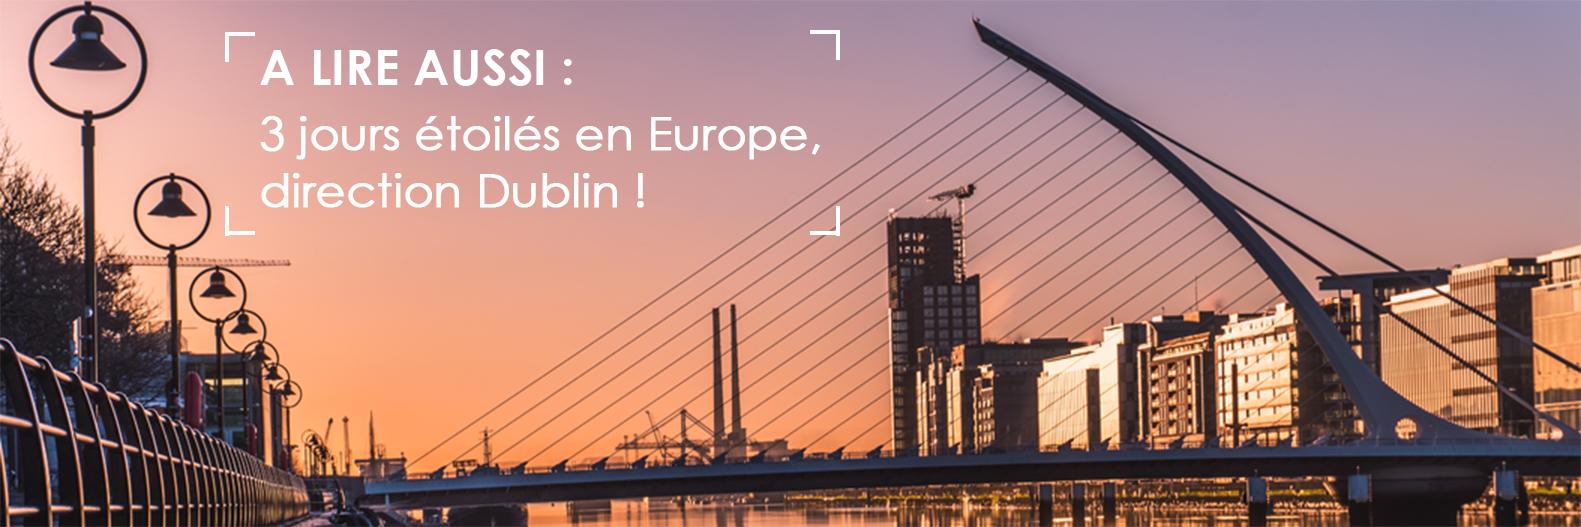 A lire aussi : 3 jours étoilés en Europe, direction Dublin !